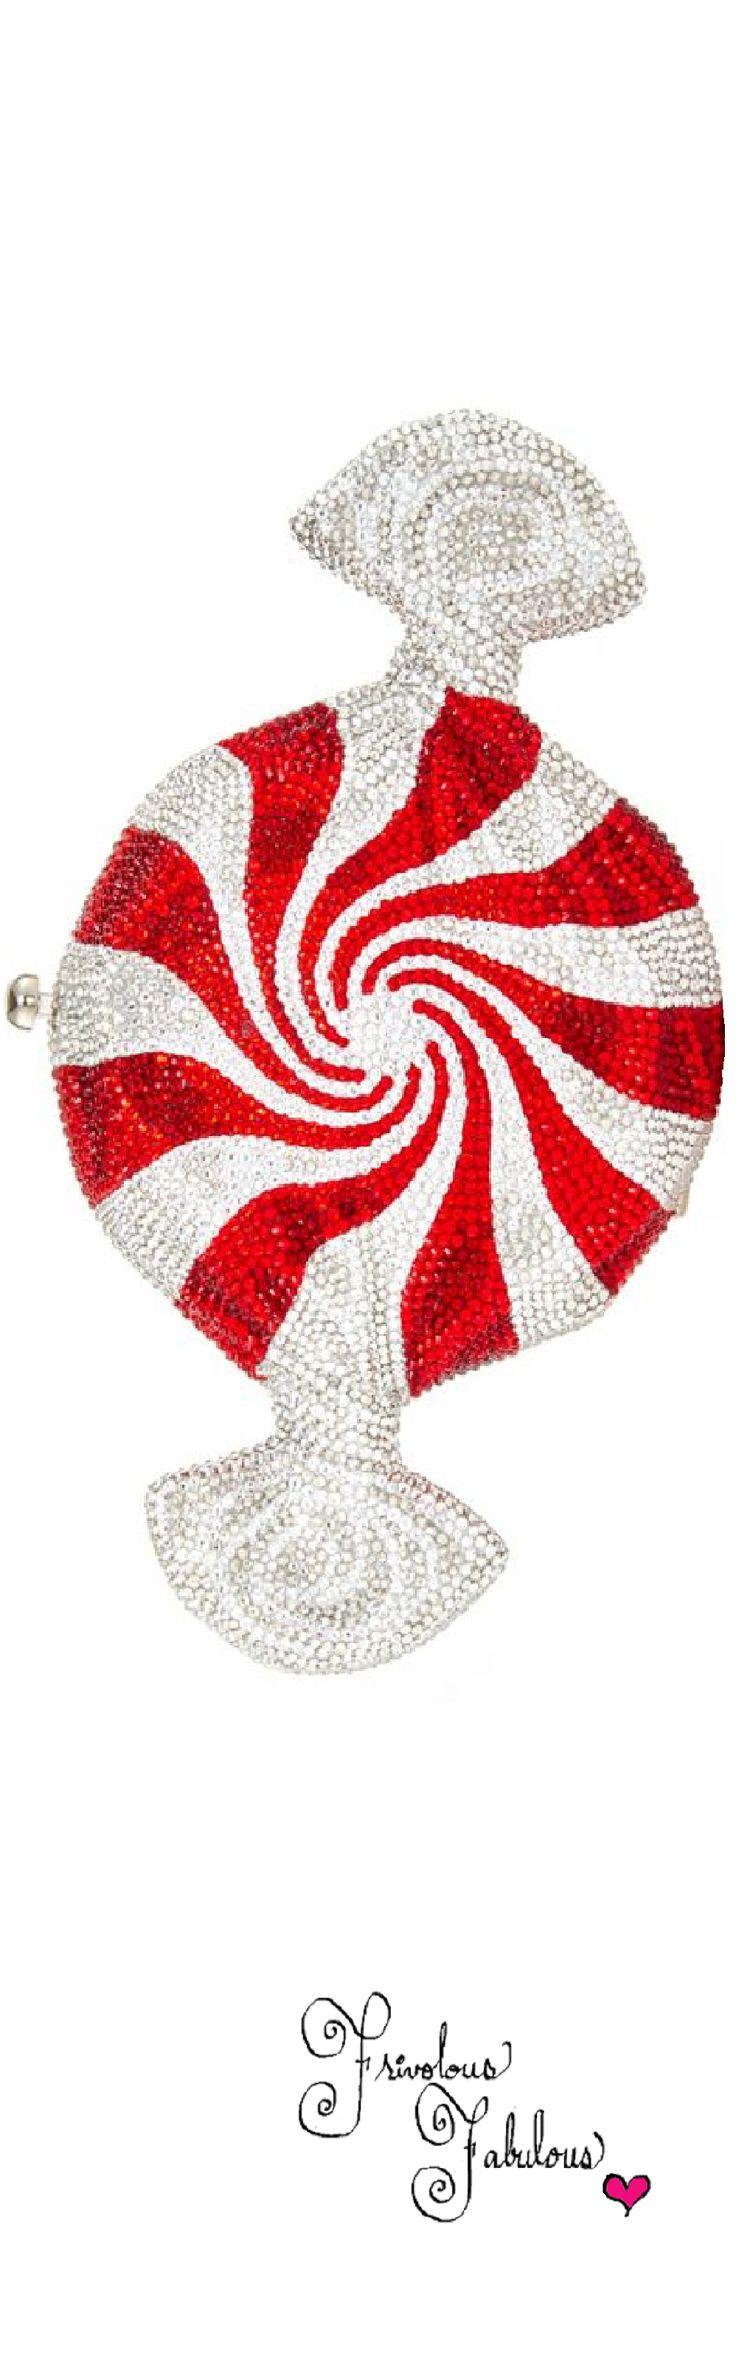 Frivolous Fabulous - Judith Leiber Peppermint Candy Clutch 2016